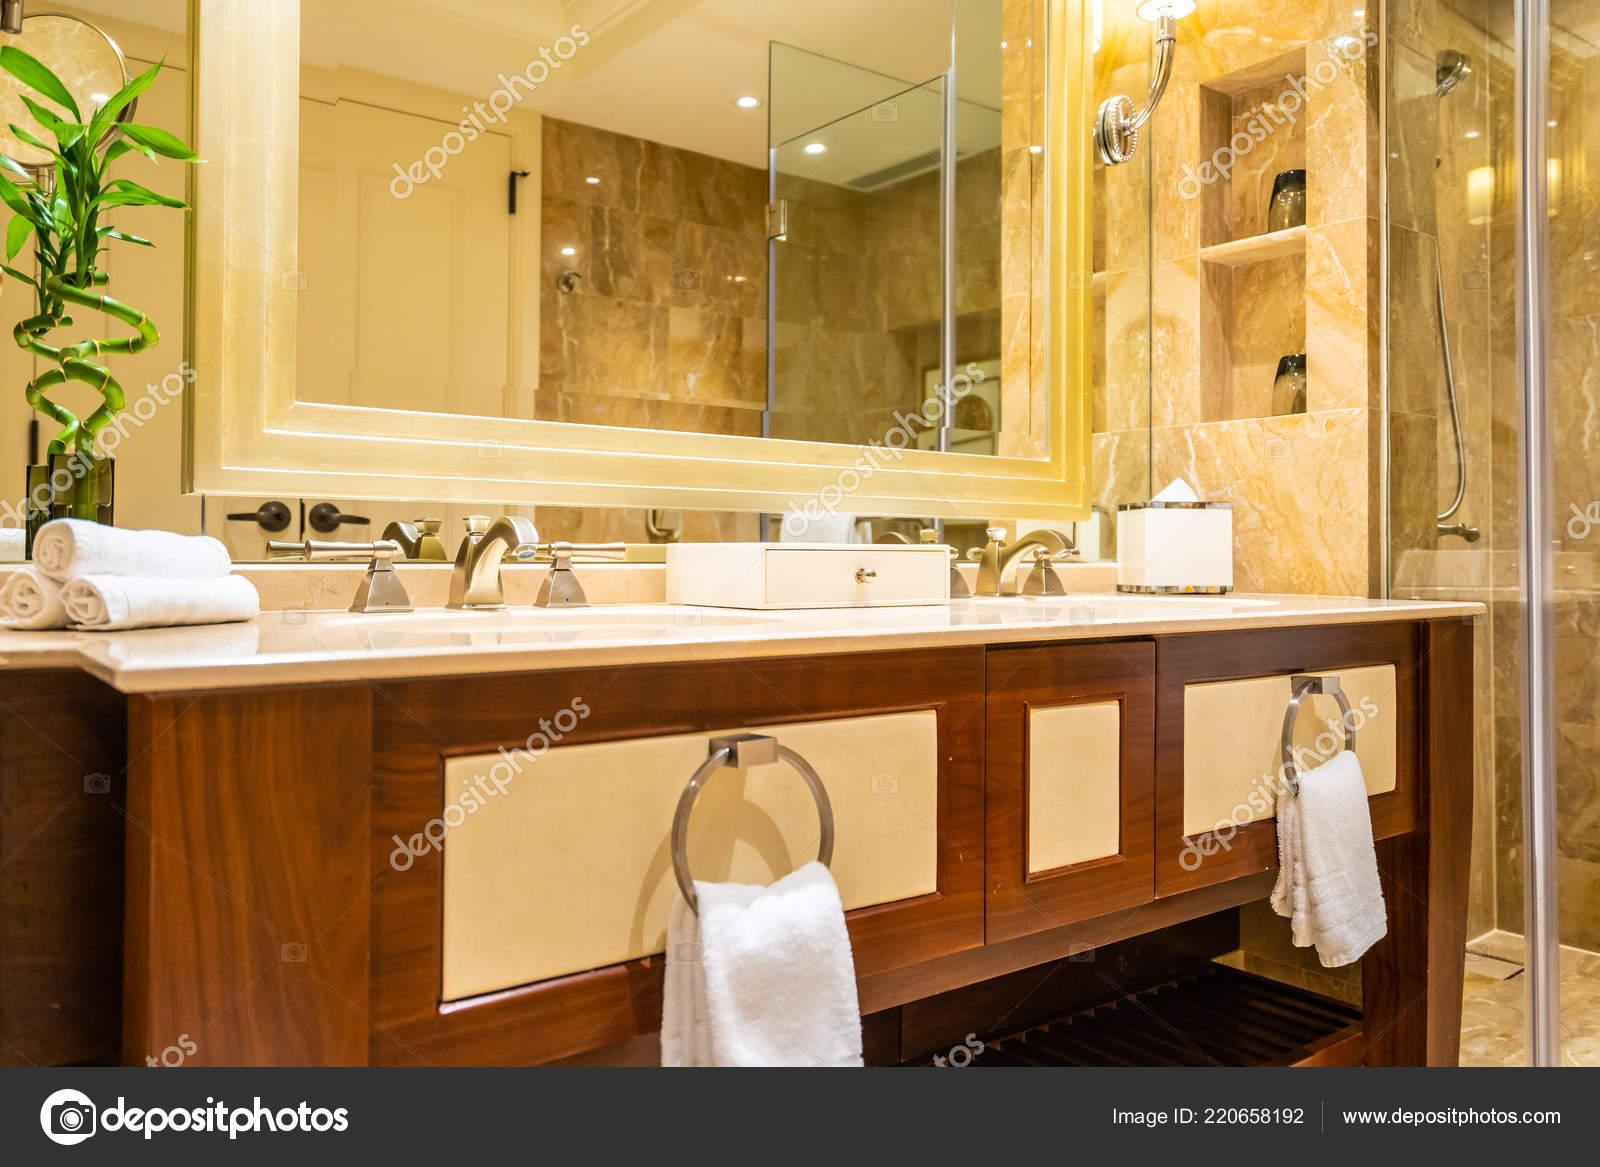 Schöne Luxus Armatur Und Waschbecken Dekoration Badezimmer Interieur ...